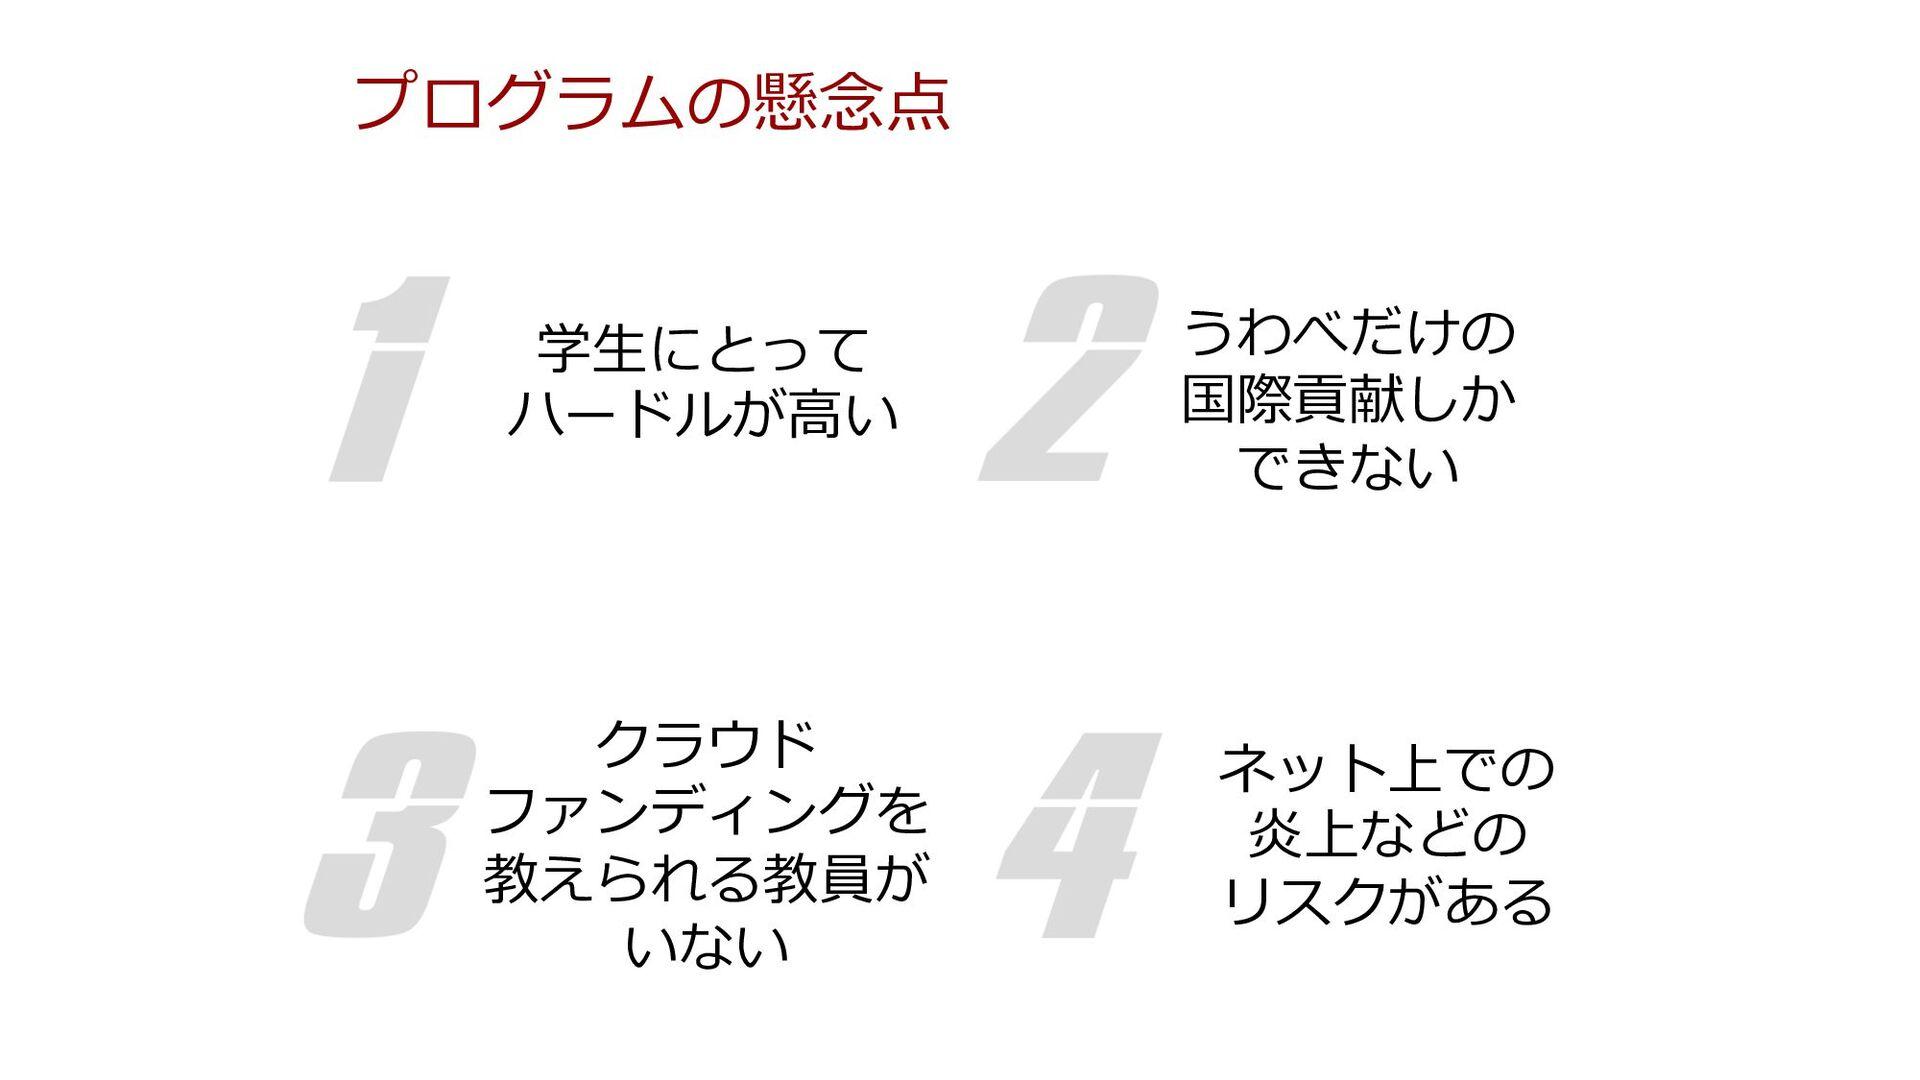 現在提供している、 オンラインプログラムの紹介 カンボジアの商品を、 ⽇本⼈相⼿に クラウドフ...